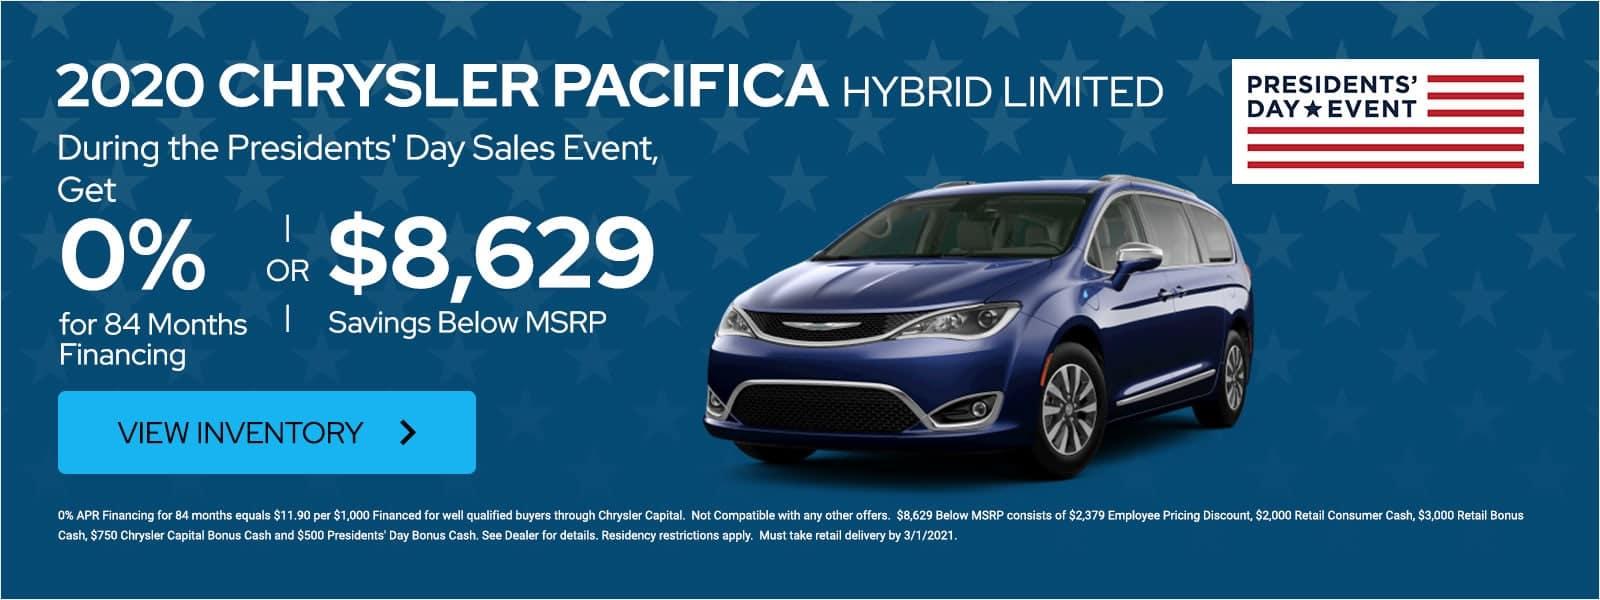 2020 Chrysler Pacifica Hybrid offer